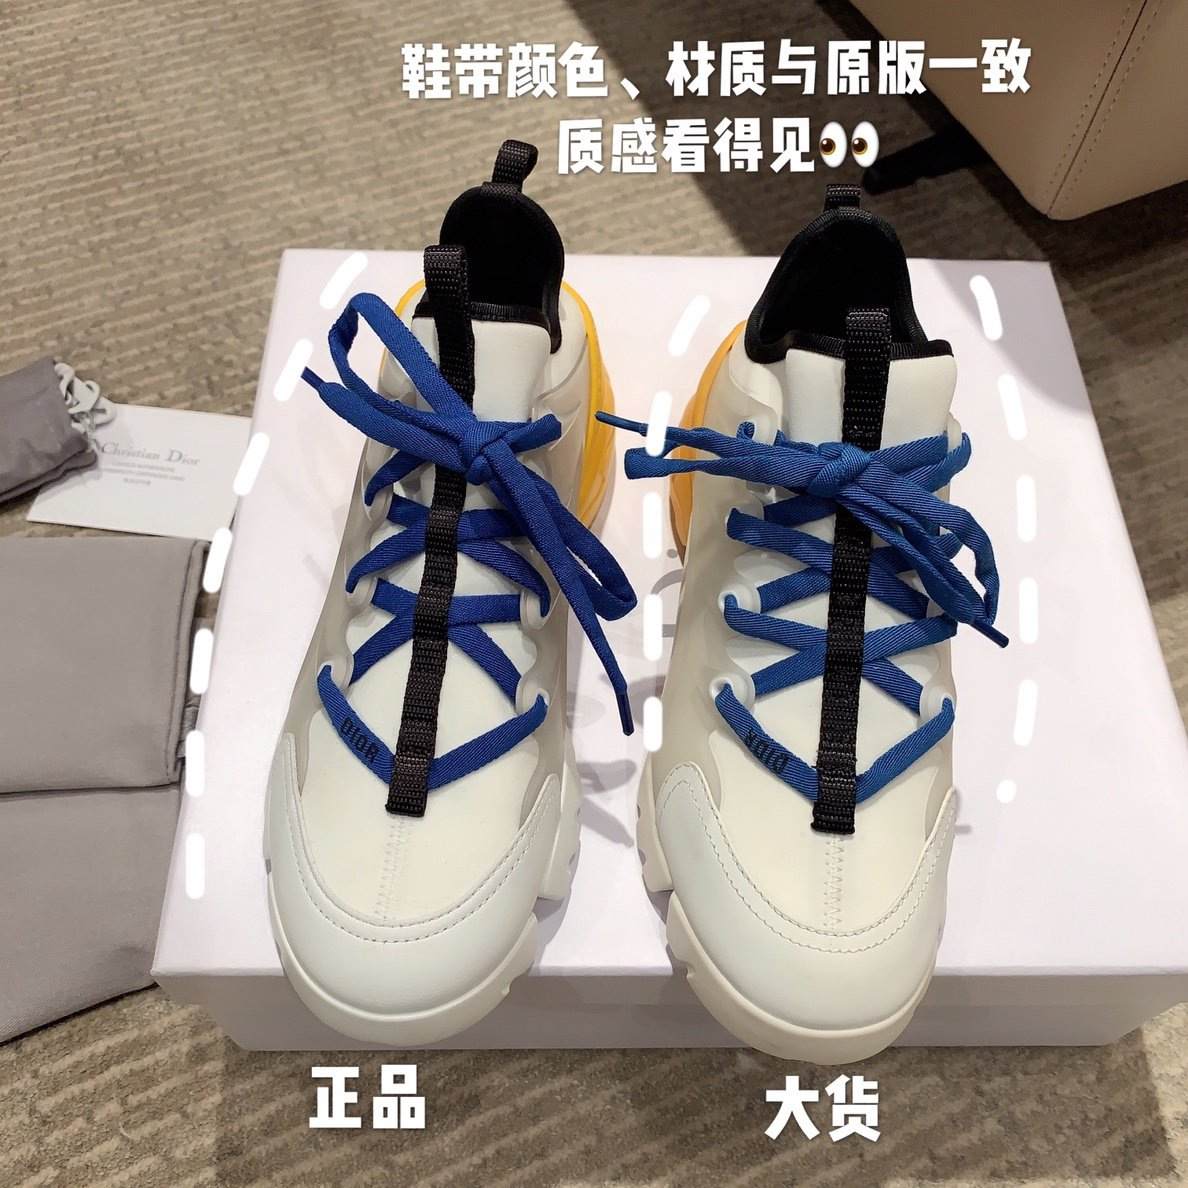 Dior超级火爆的老爹鞋明星同款(图3)